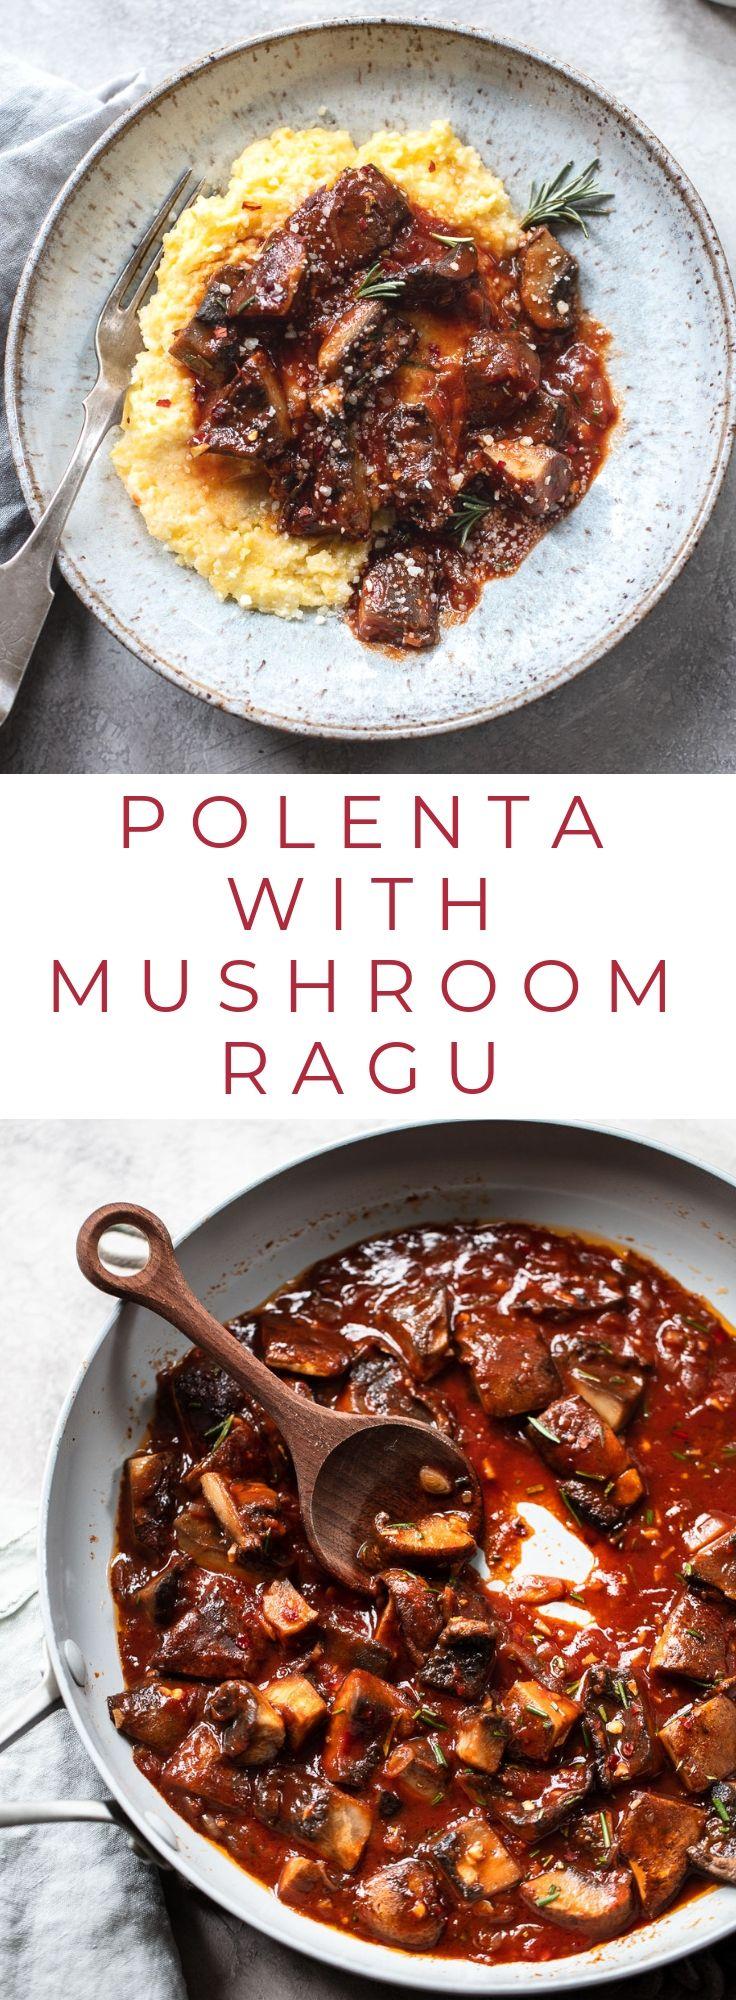 Easy Mushroom Ragu with Parmesan Polenta images